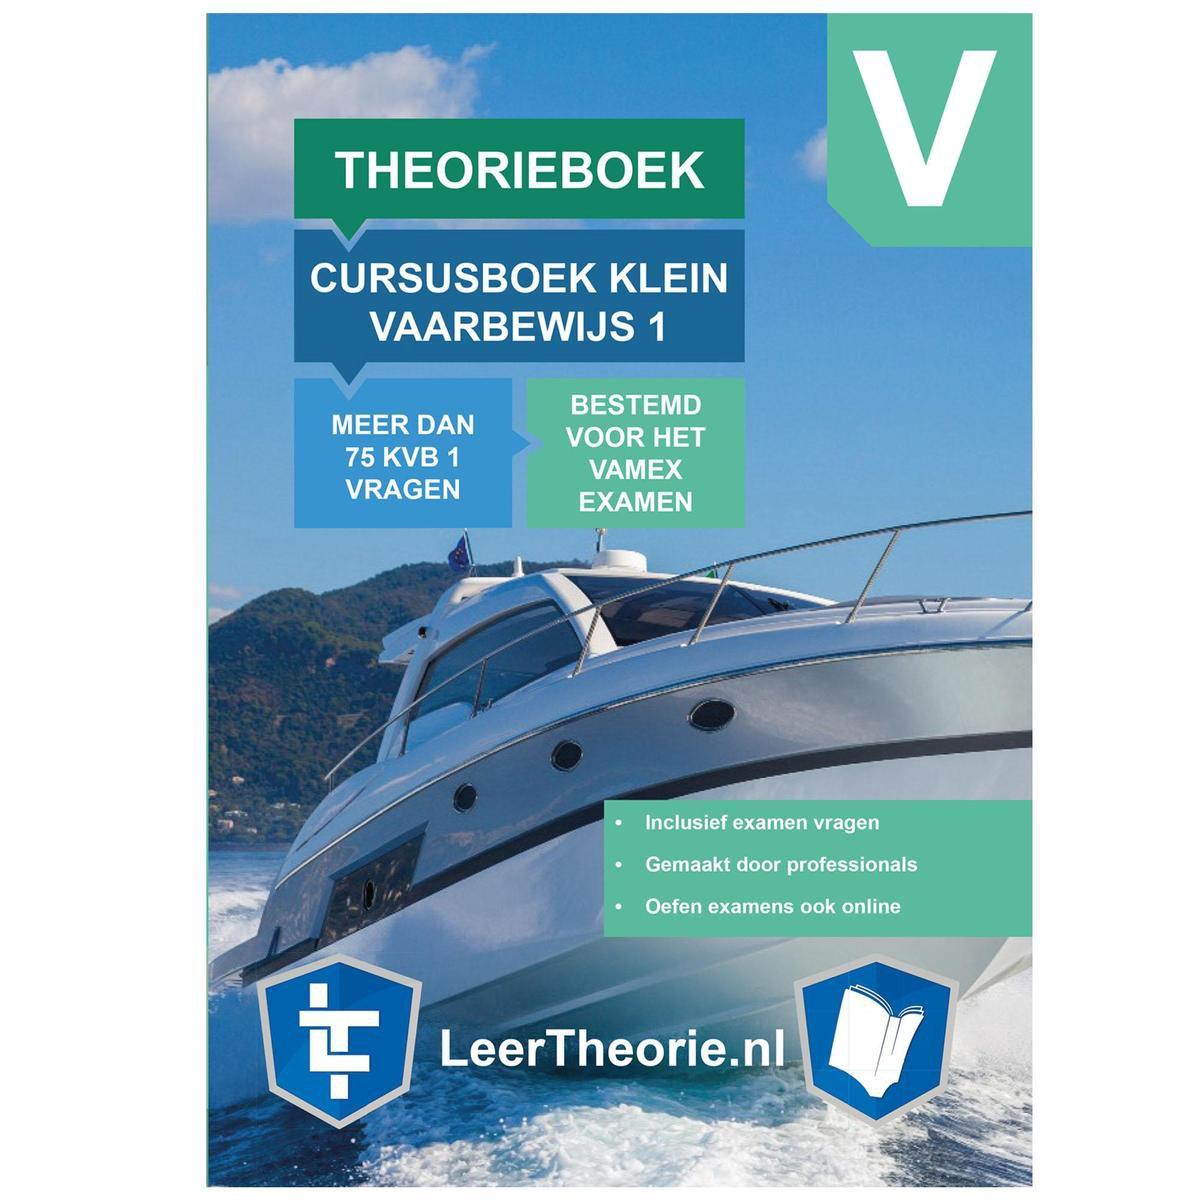 Vaarbewijs Theorieboek KVB 1 2021   Nederland   CBR Cursusboek Klein Vaarbewijs